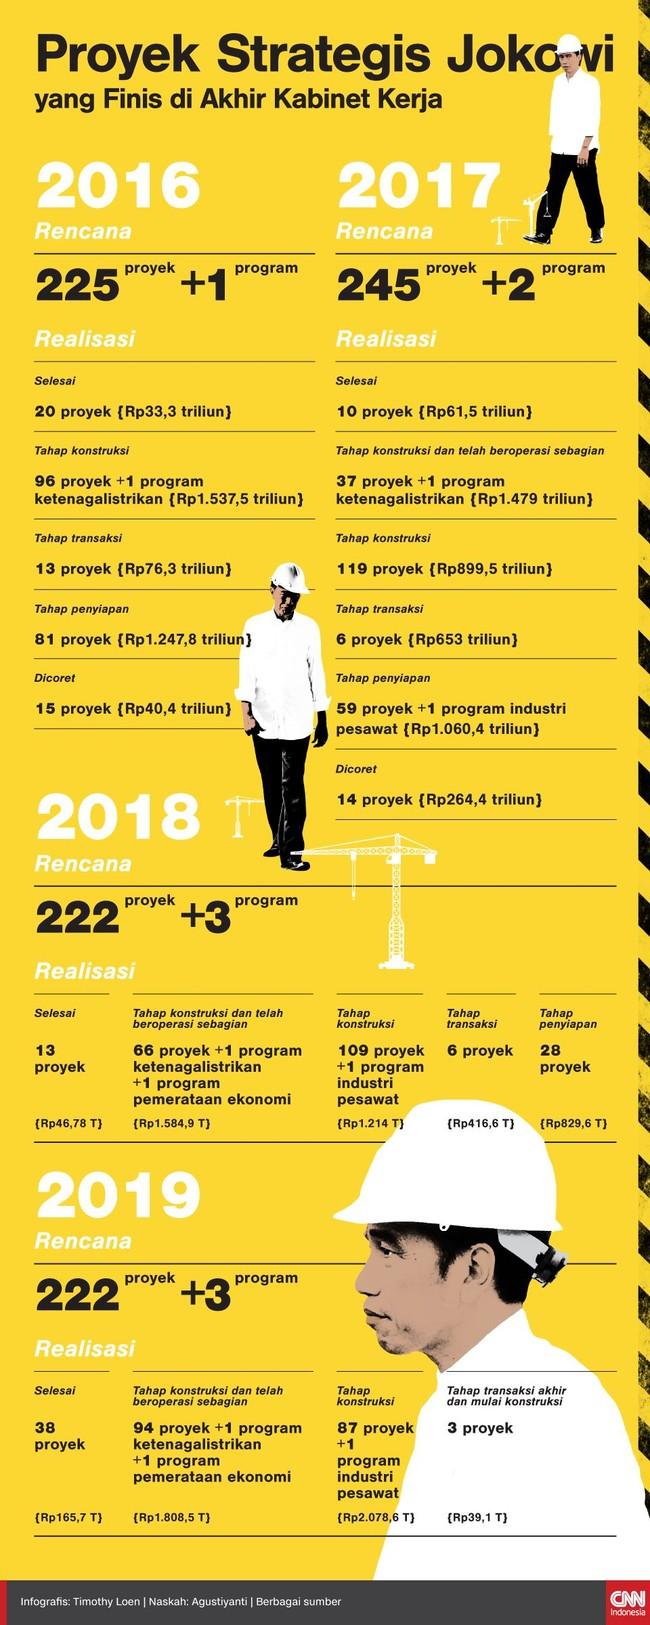 Proyek Strategis Jokowi yang Finis di Akhir Kabinet Kerja